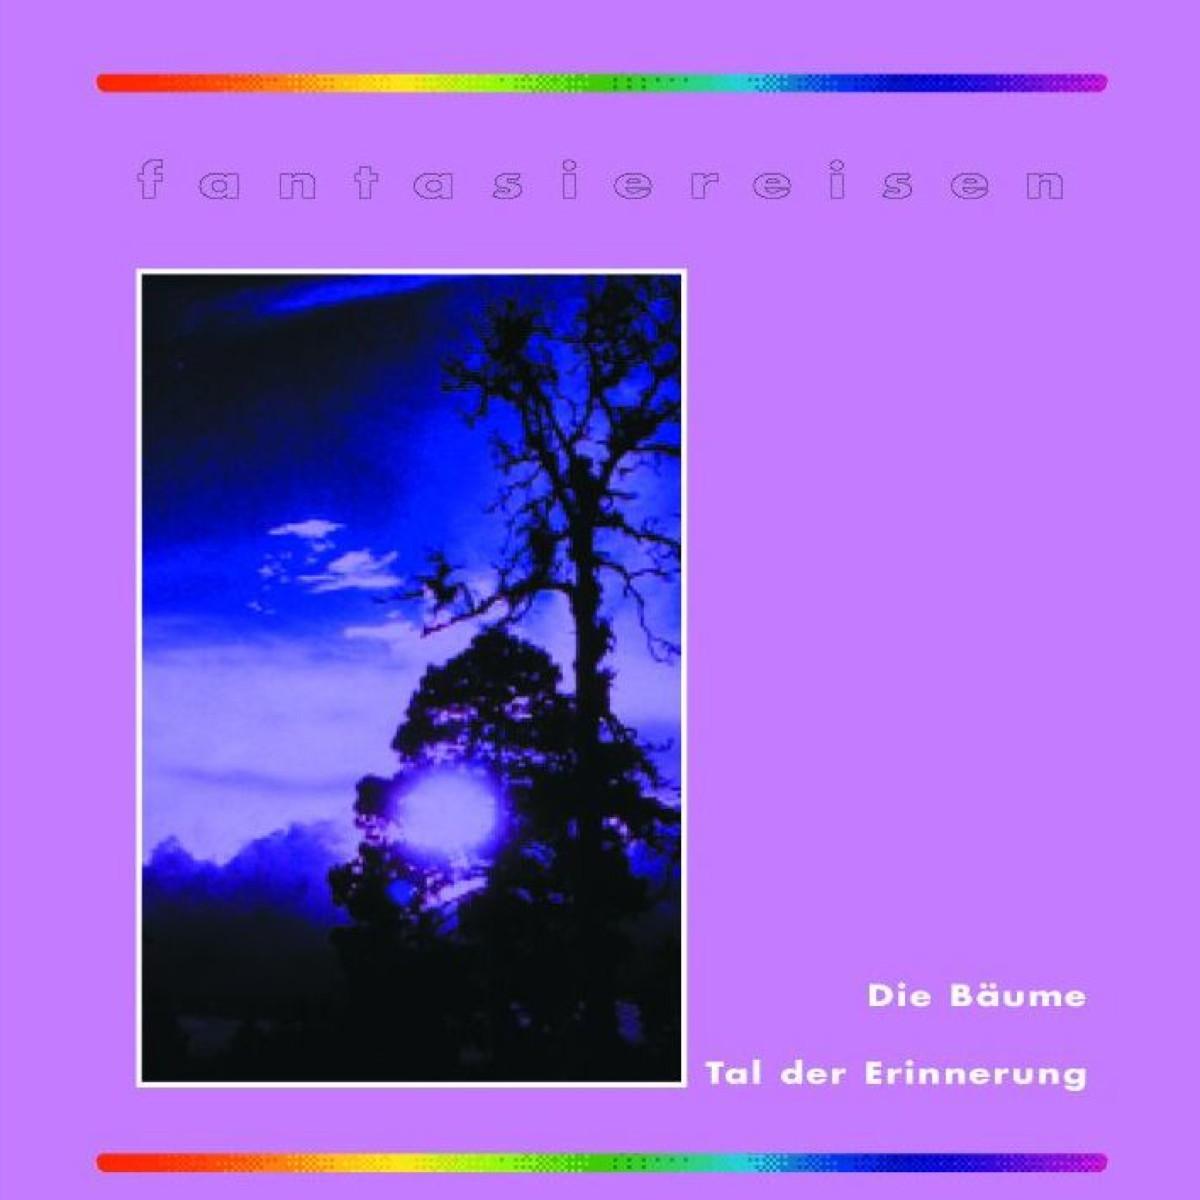 Fantasiereisen-1_CD-2595b894675115